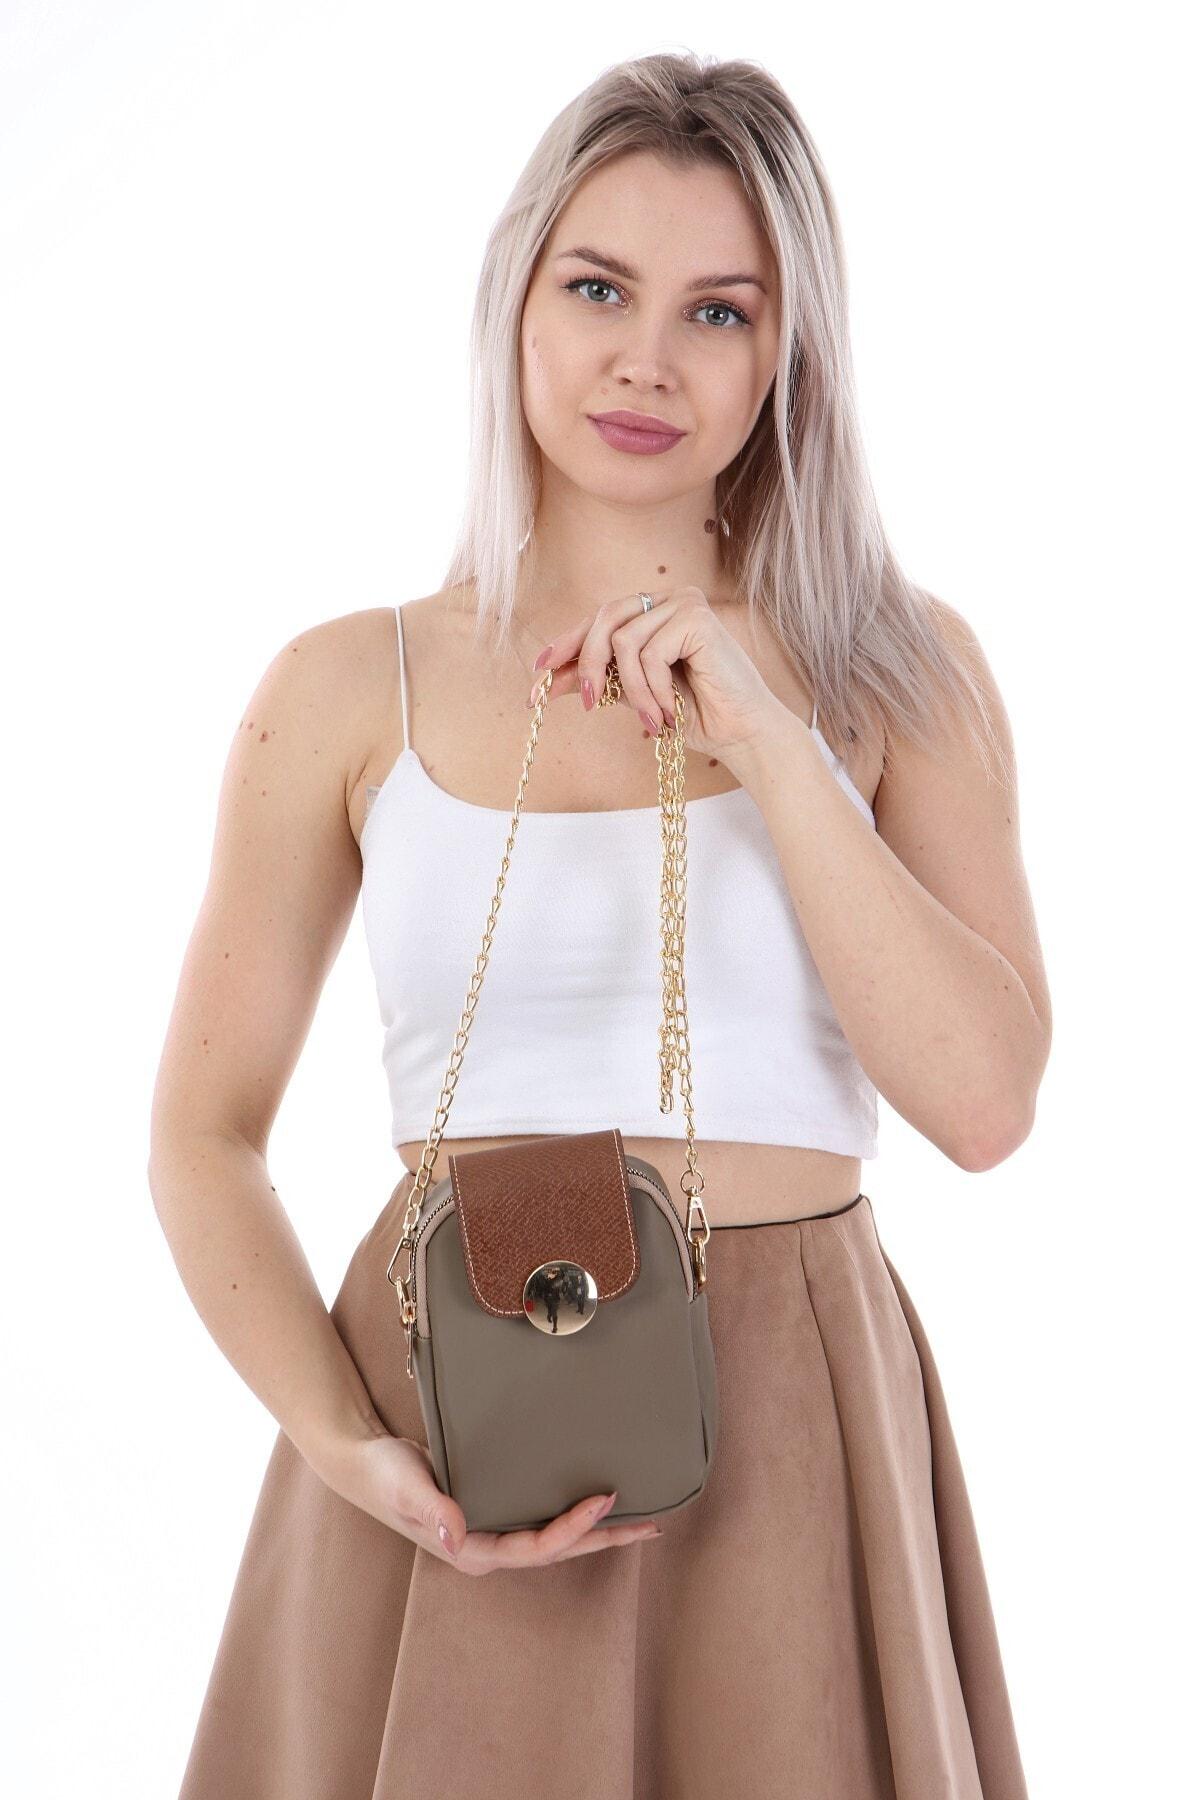 ELASİNYA Kadın Vizon Telefon Bölmeli Omuz Çantası 0012 1